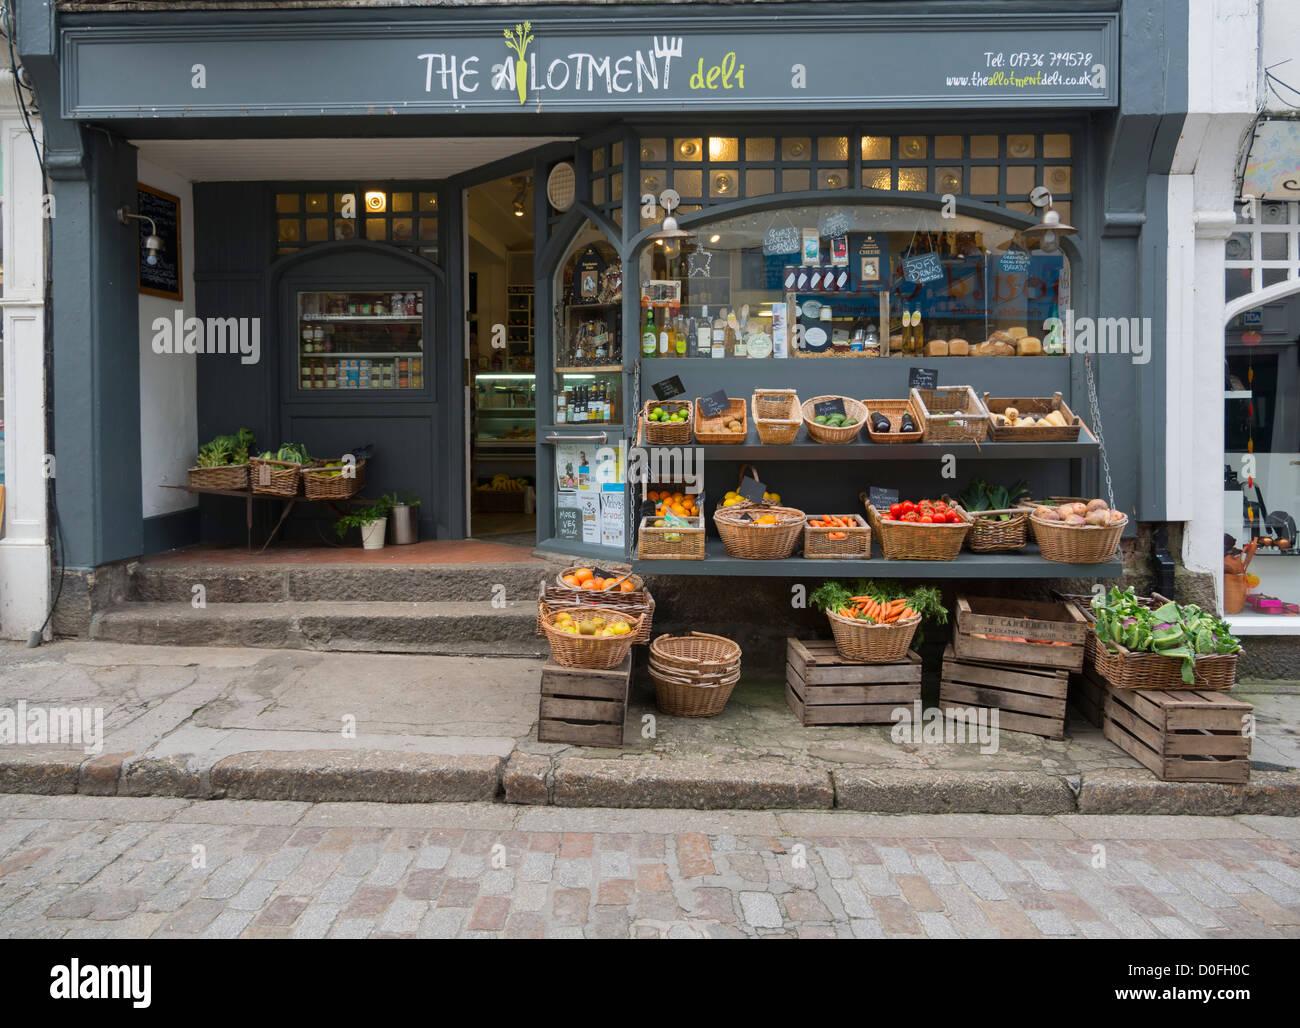 St Ives Italian Food Market